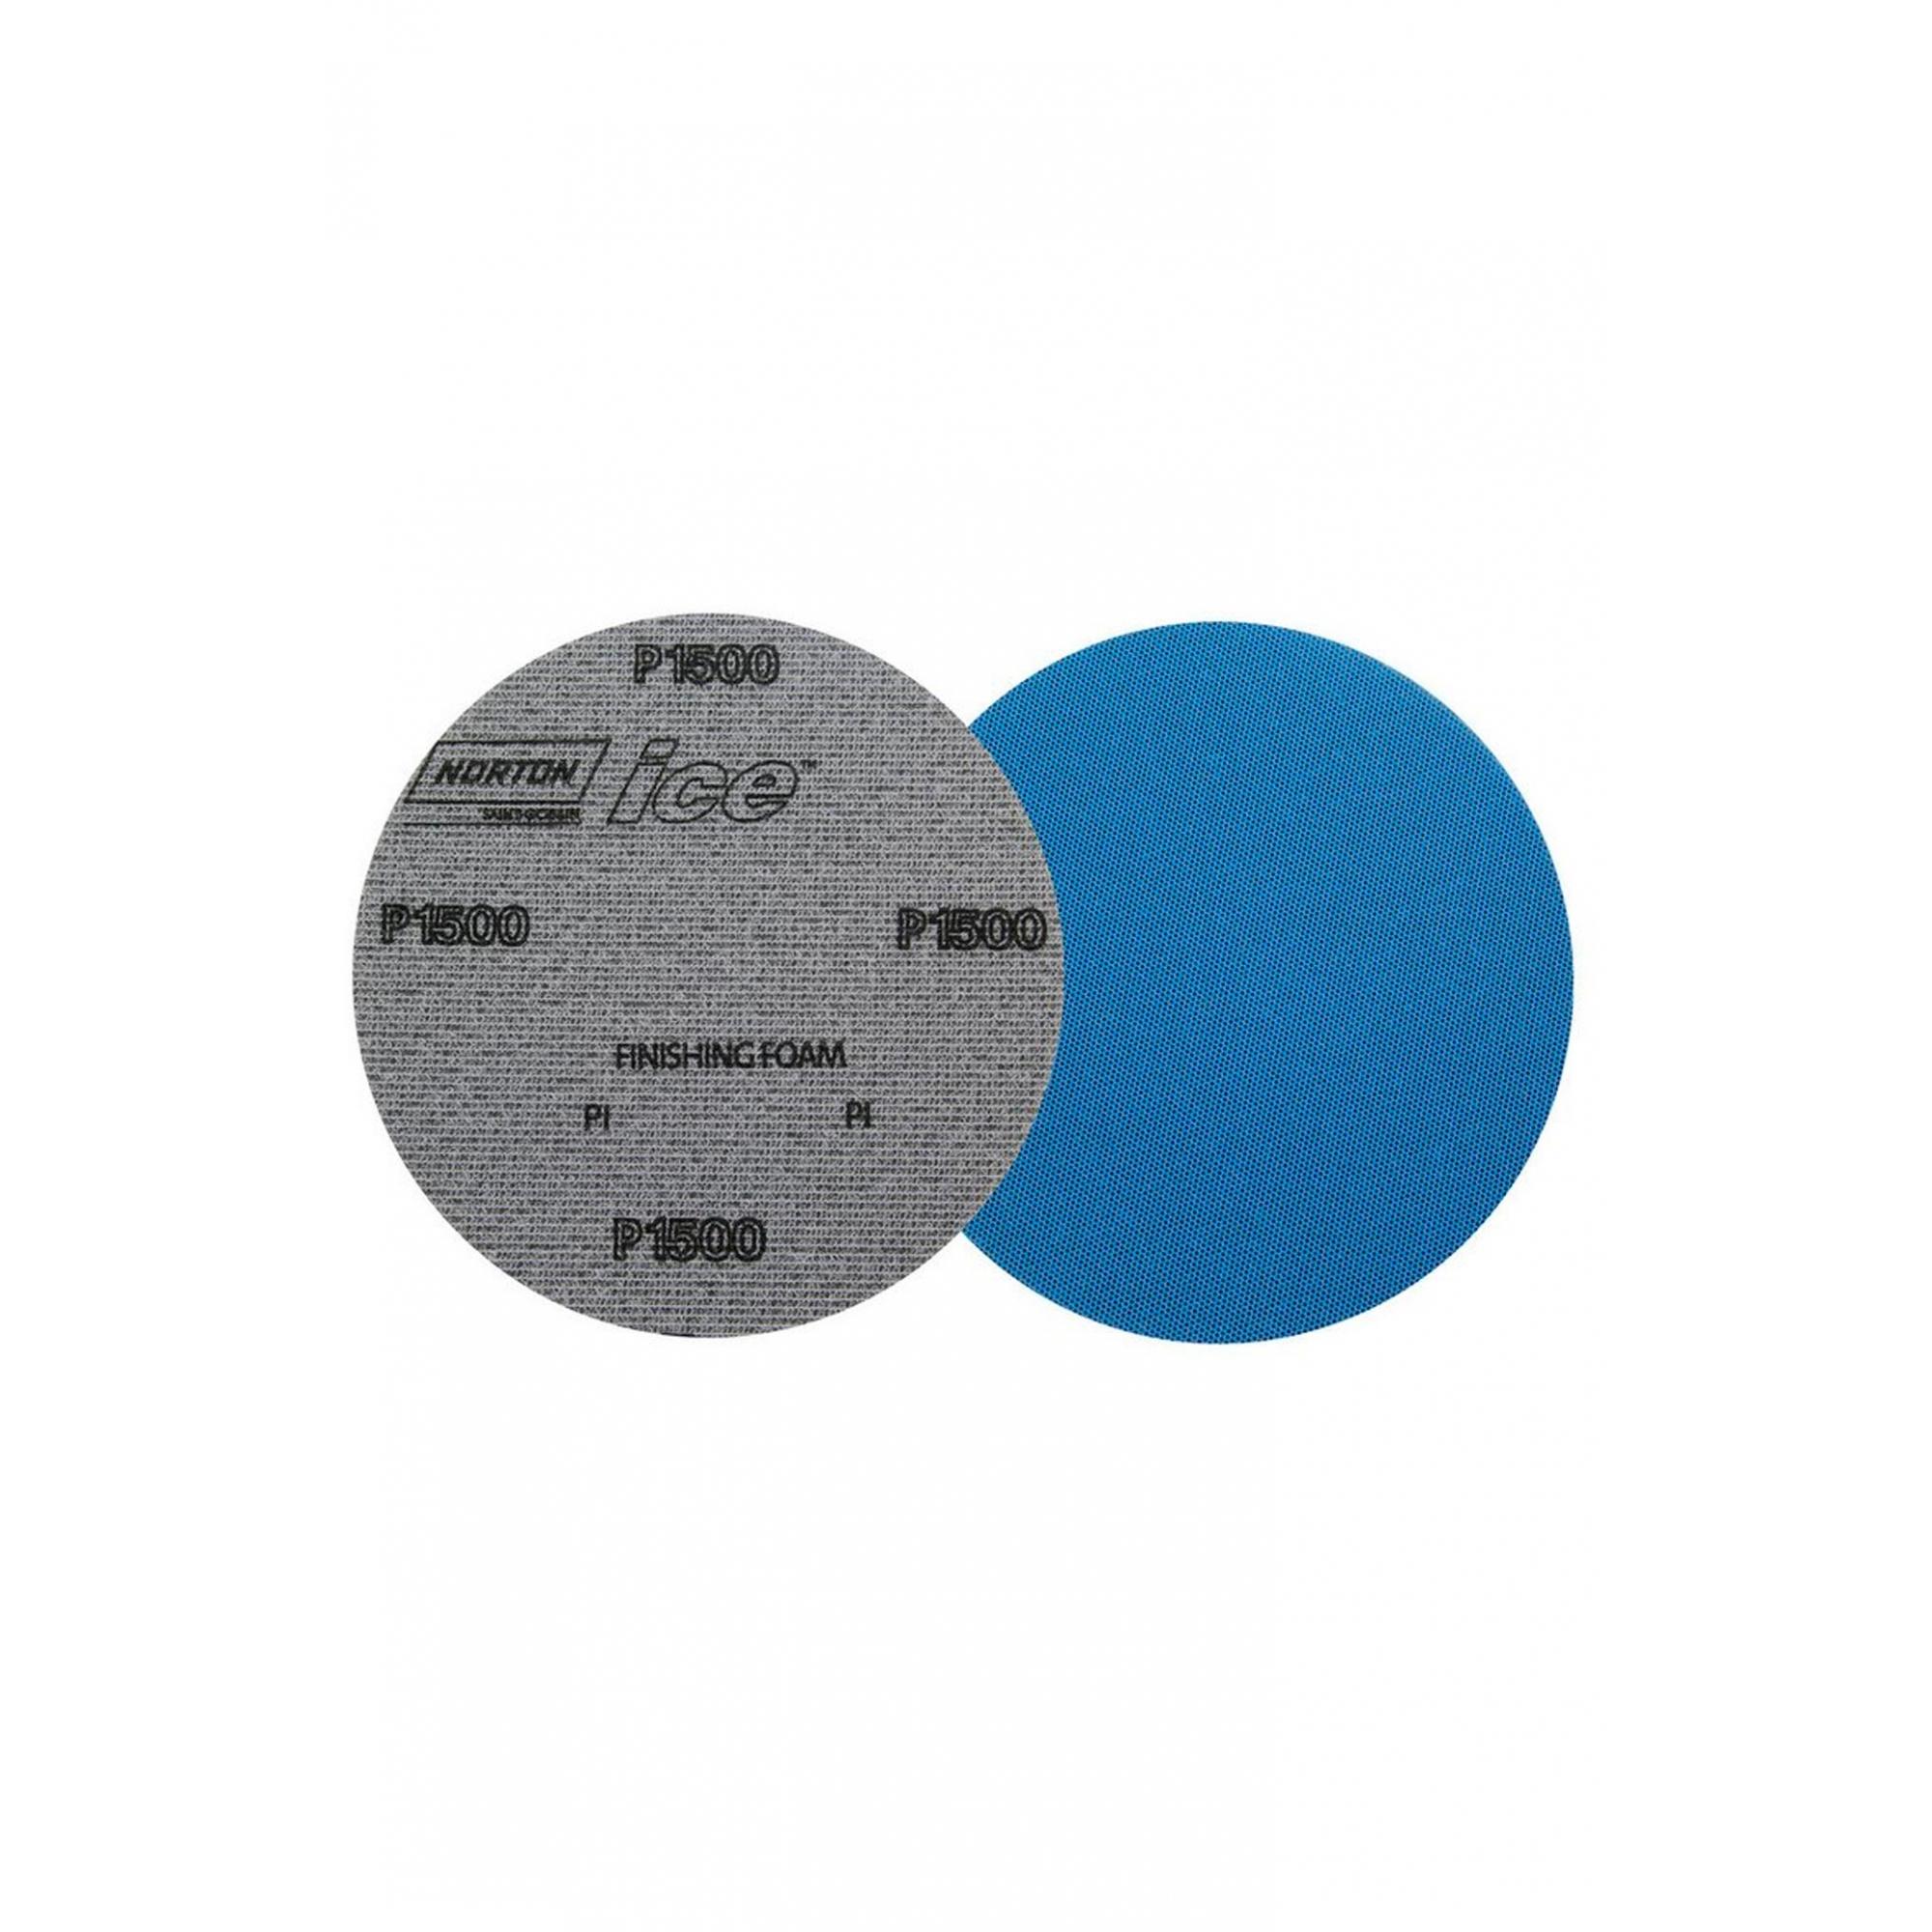 Norton Disco de Lixa Umido Ice Soft-Touch Q255 - P1500 6